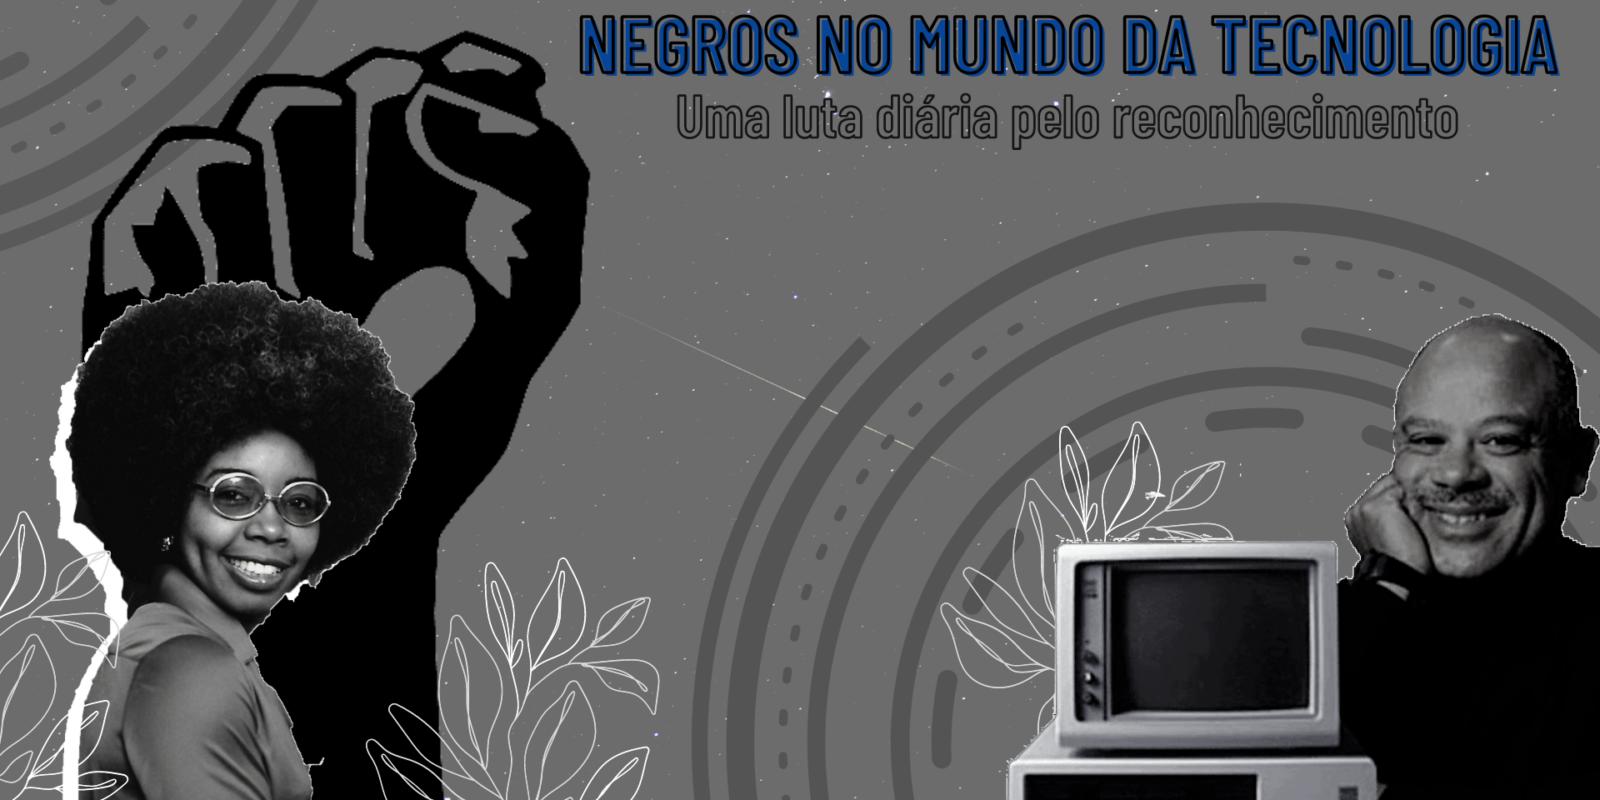 Negros no mundo da tecnologia: uma luta diária pelo reconhecimento